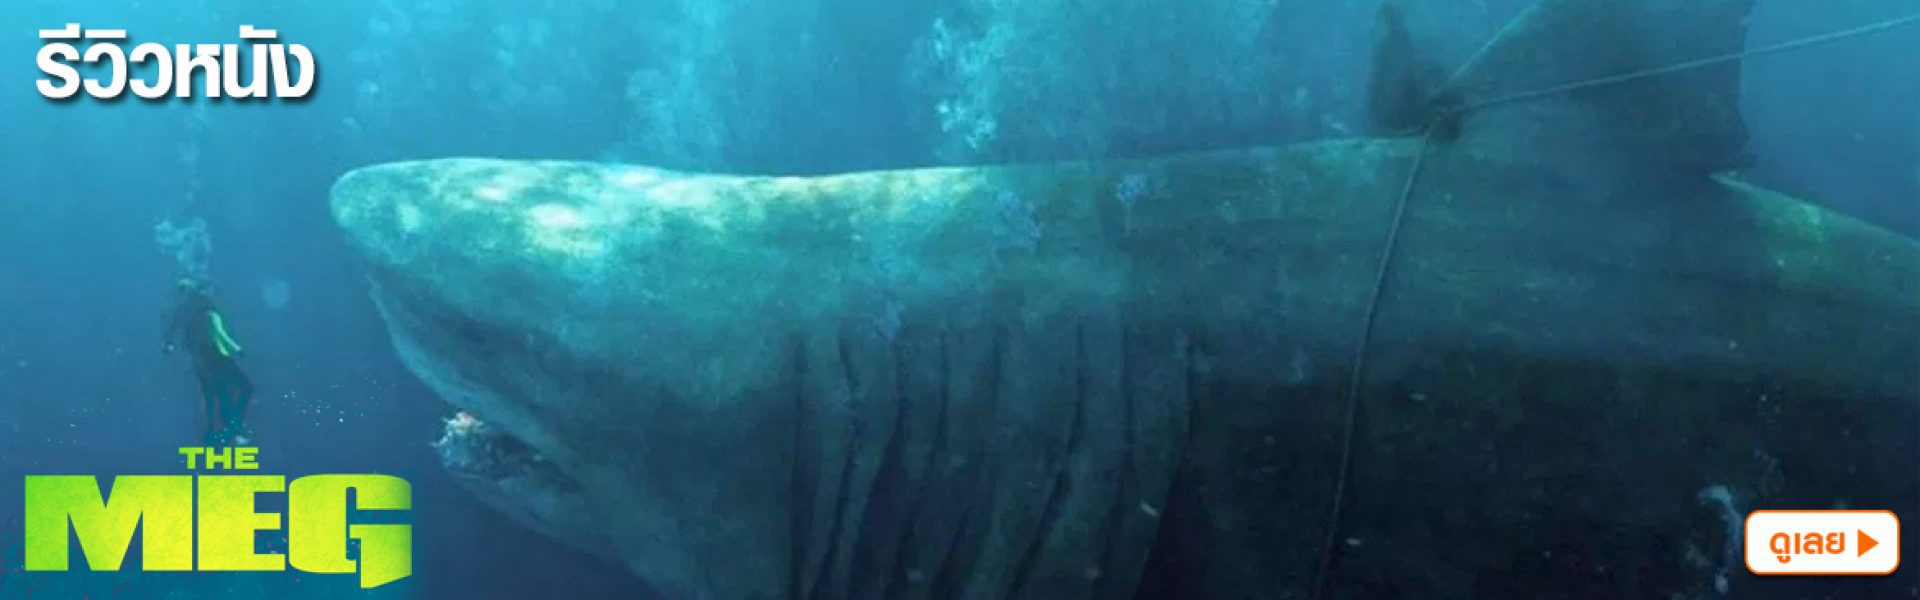 รีวิวหนัง The Meg โคตรหลามพันล้านปี